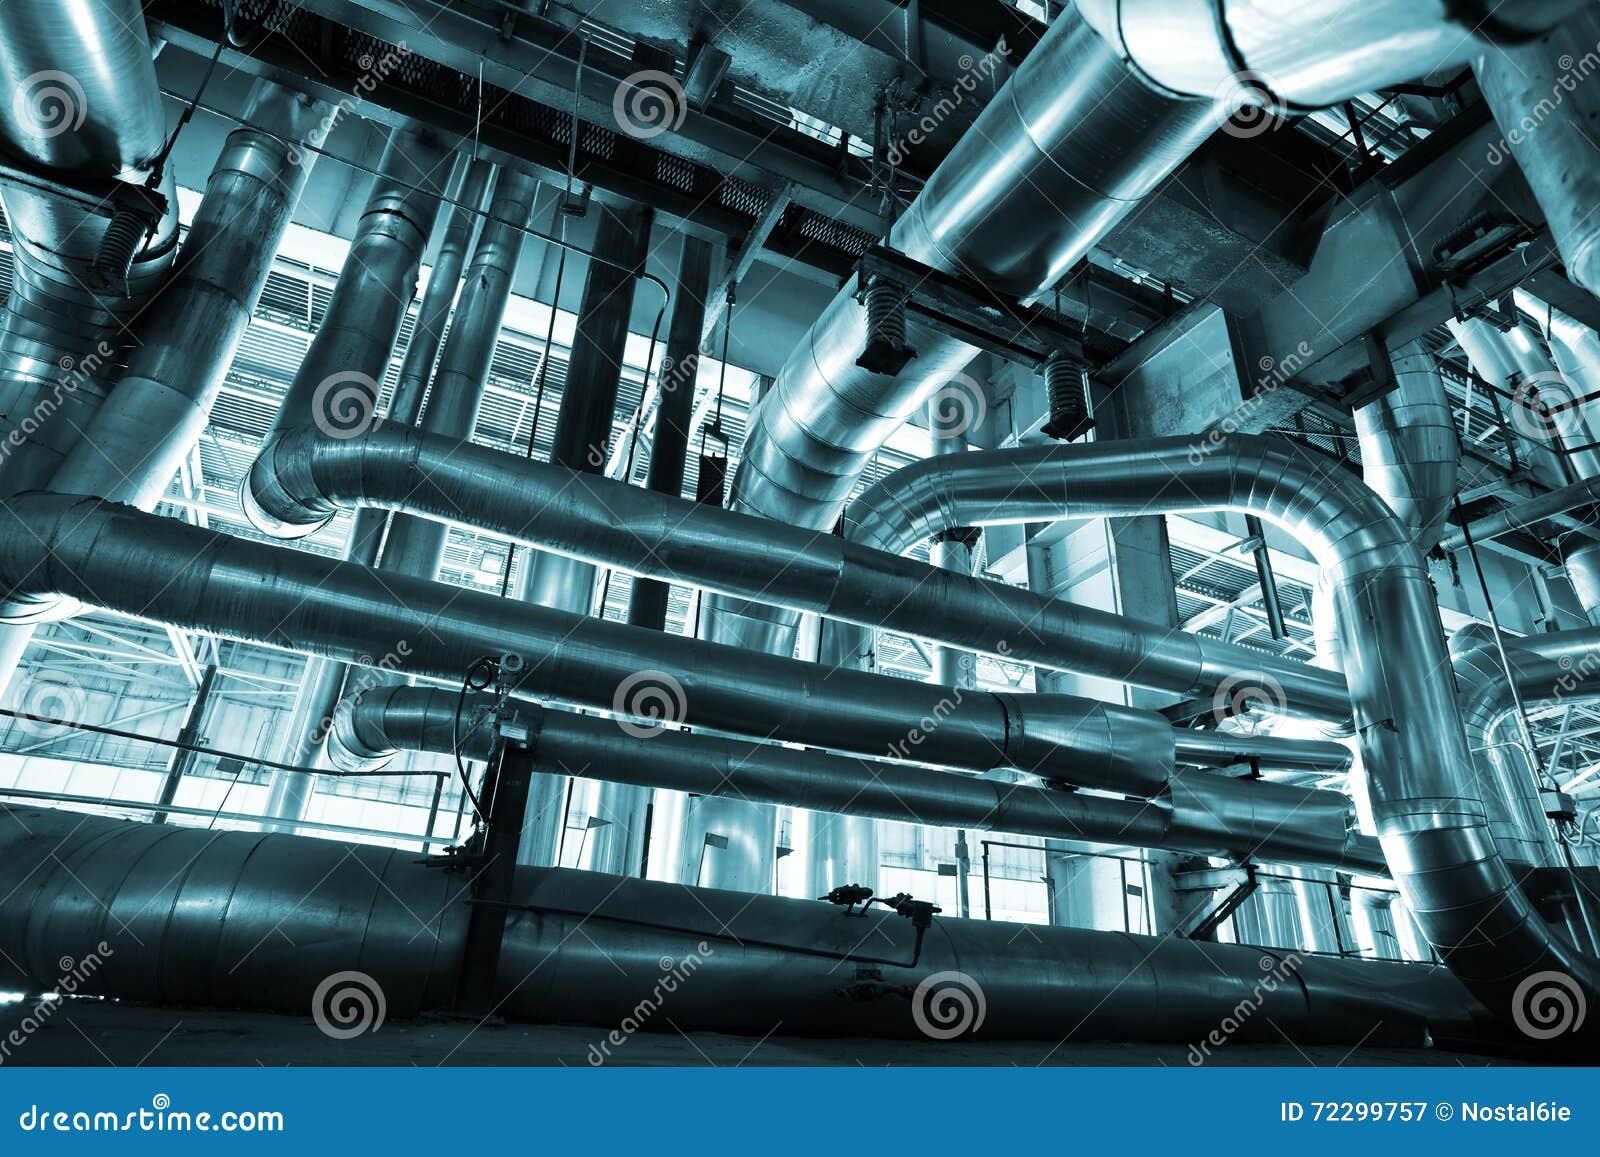 Download привязывает тубопровод оборудования Стоковое Изображение - изображение насчитывающей тяжело, химикат: 72299757